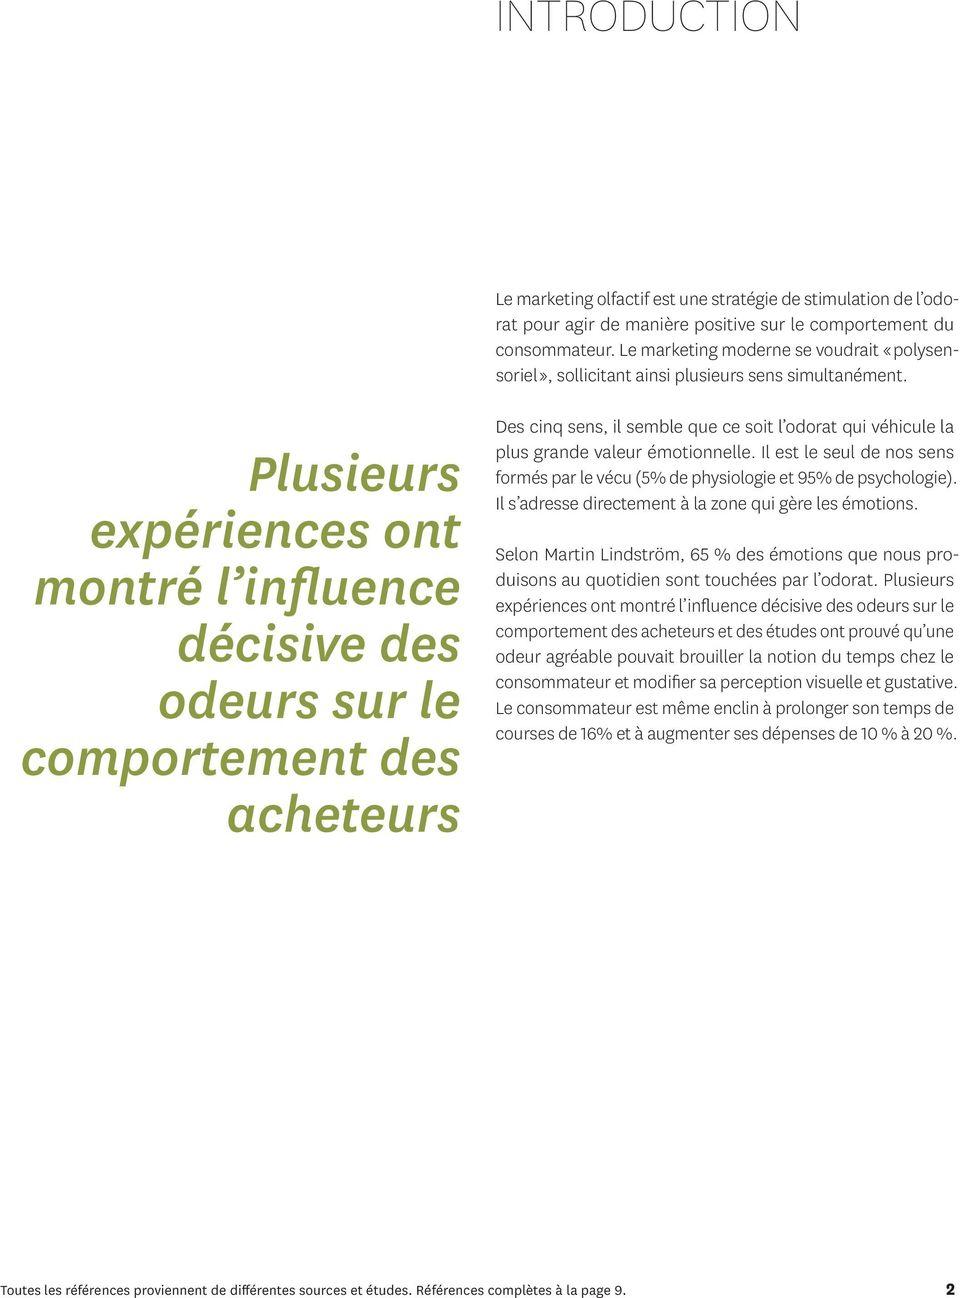 Le Marketing Olfactif Références Et Études De Cas - Pdf encequiconcerne Sens Olfactif